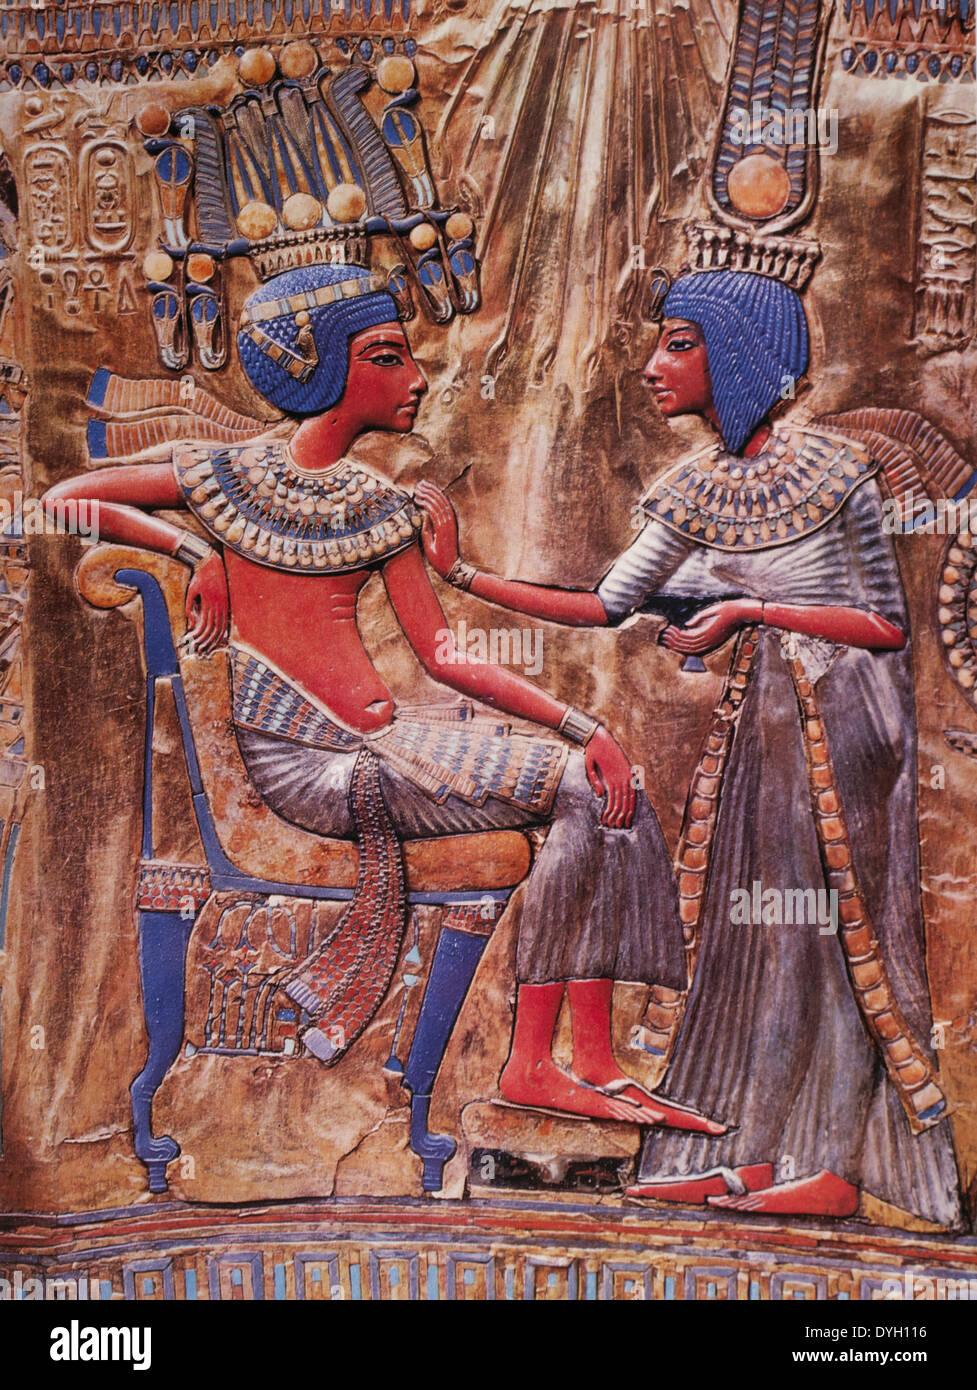 Tutankhamen on Throne with his Wife Ankhesenamun, Engraving - Stock Image